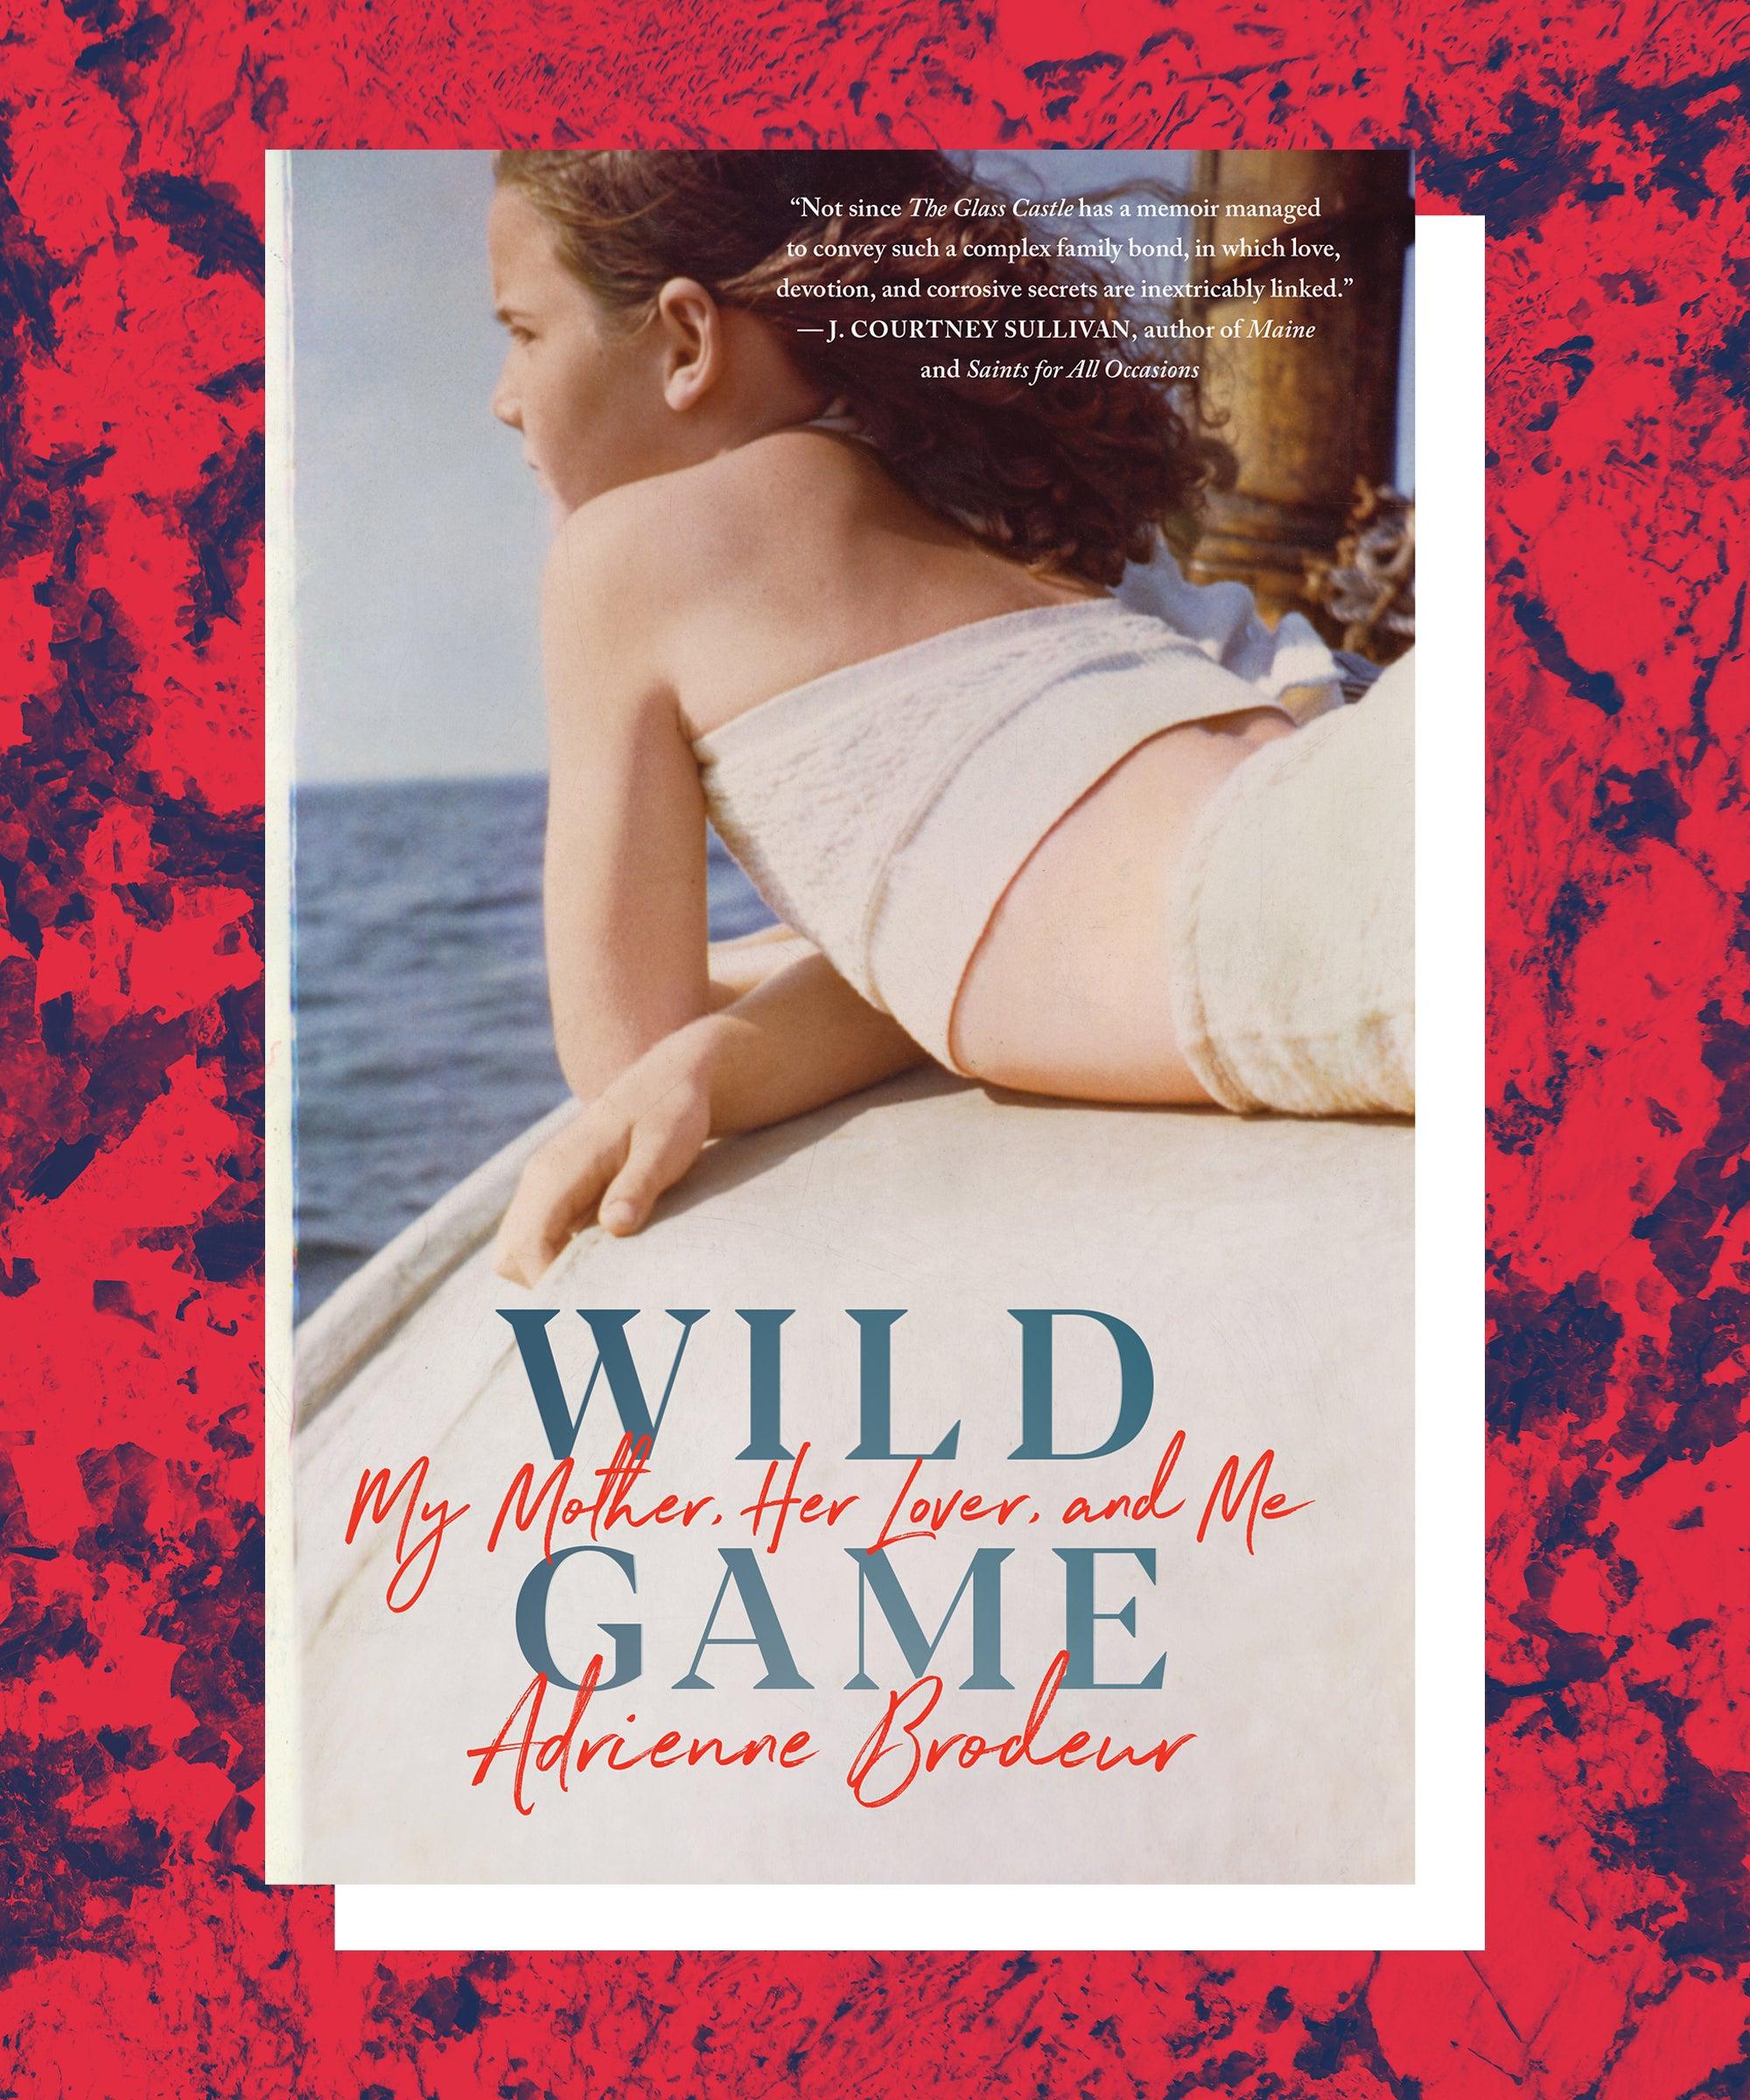 Adrienne Brodeur's New Memoir, Wild Game, Is Wild Indeed